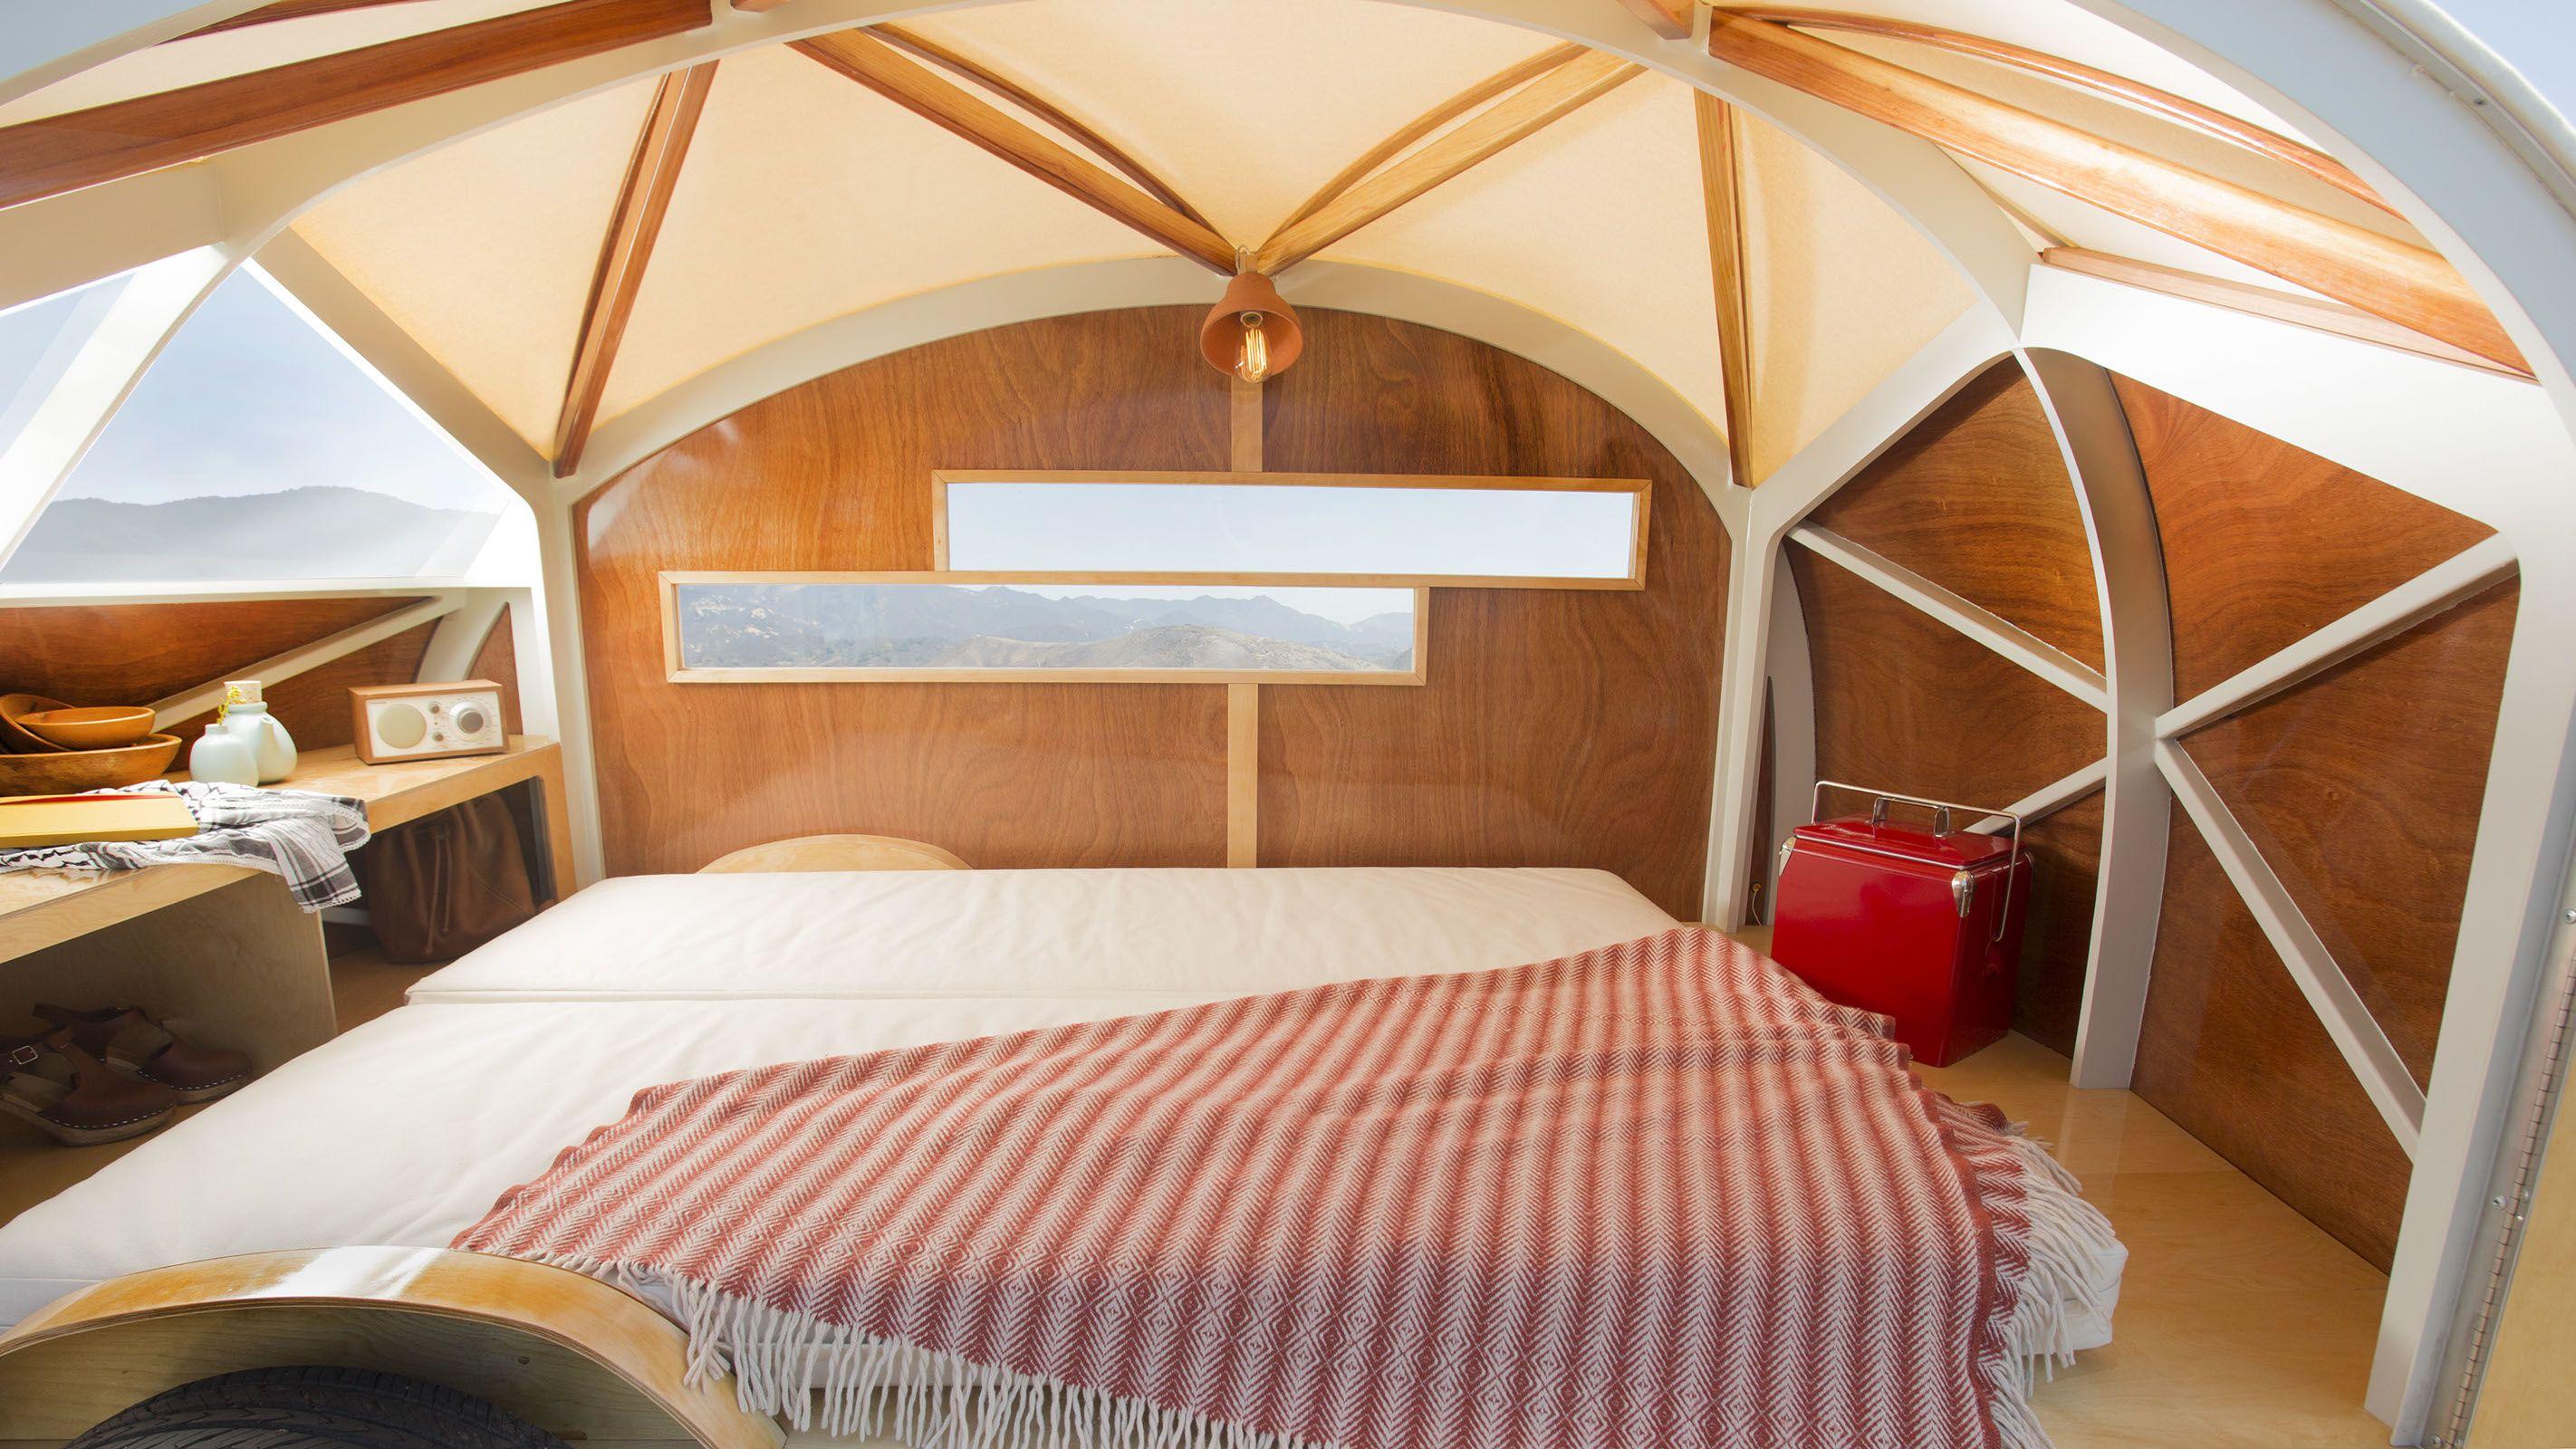 h tte hut interior home designs teardrop trailer wohnwagen kaufen und haus auf r dern. Black Bedroom Furniture Sets. Home Design Ideas